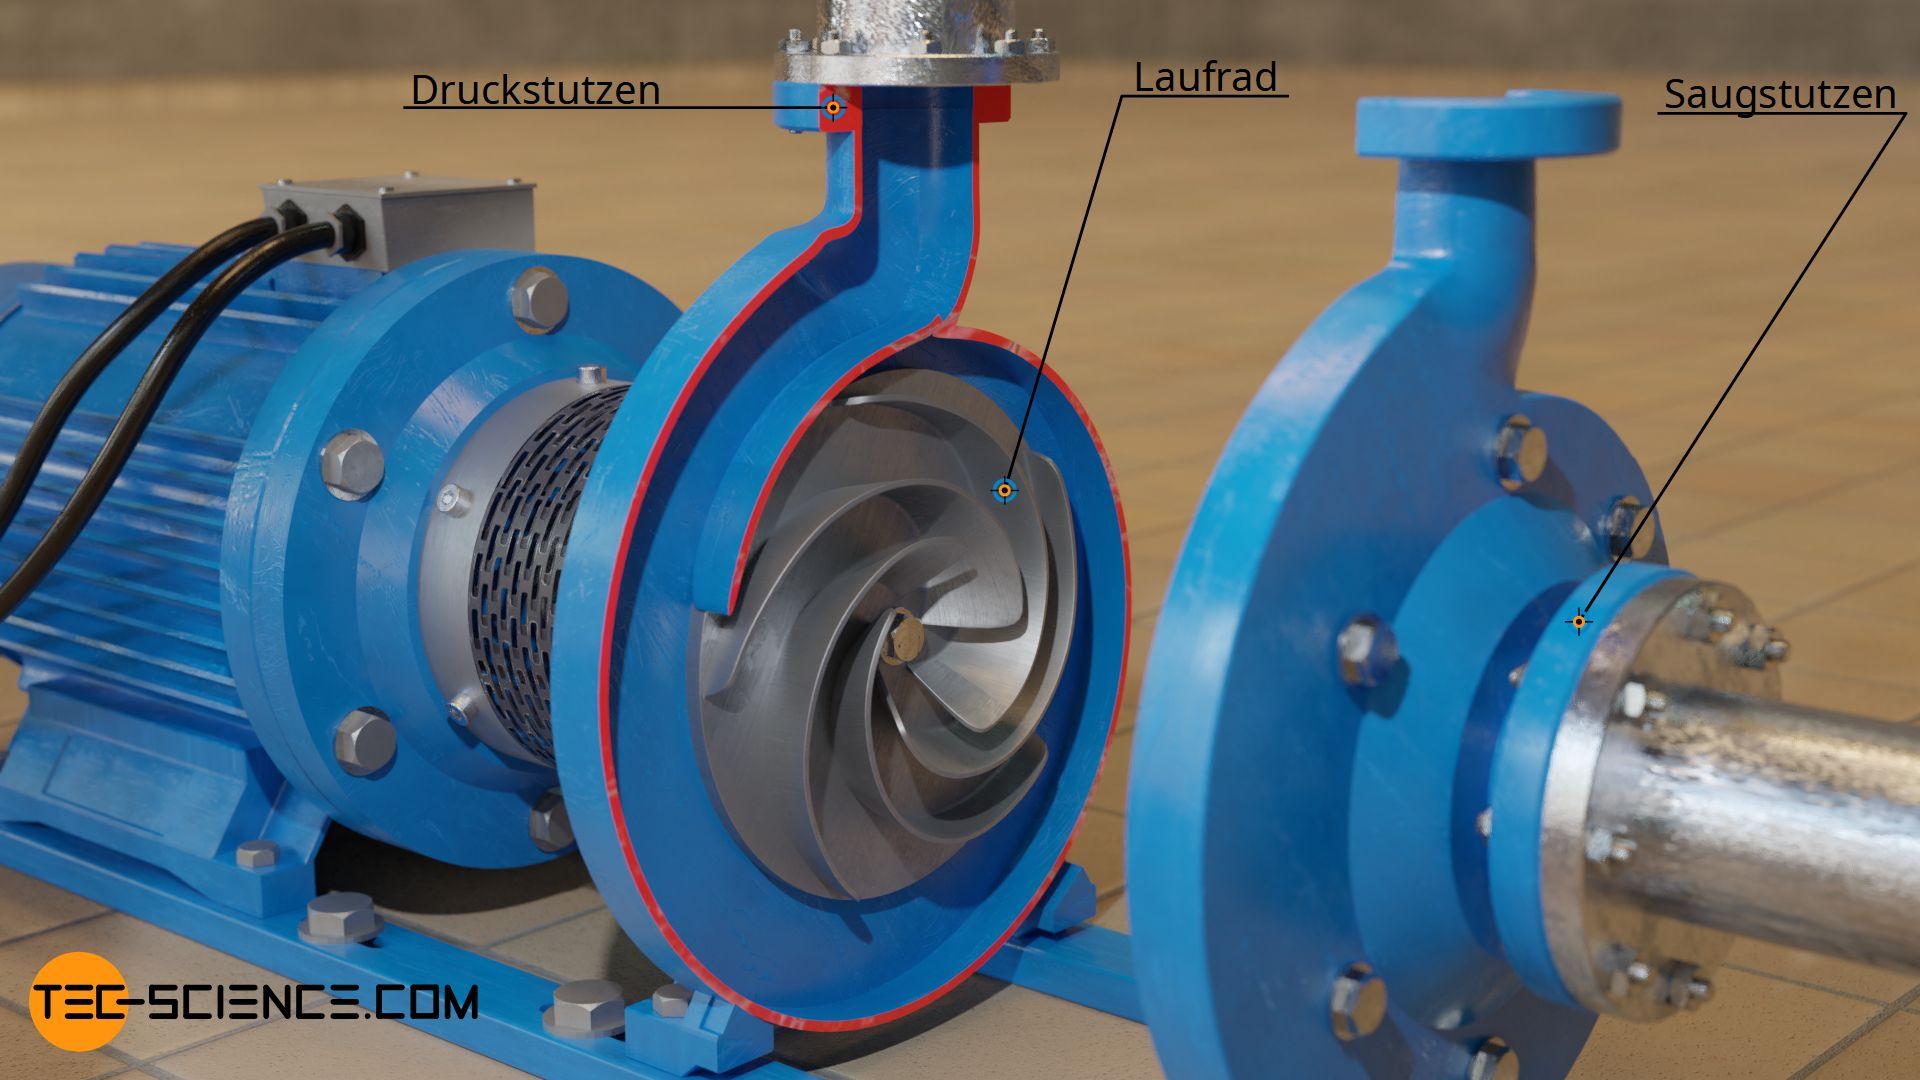 Aufbau einer Radial-Kreiselpumpe (vereinfacht)